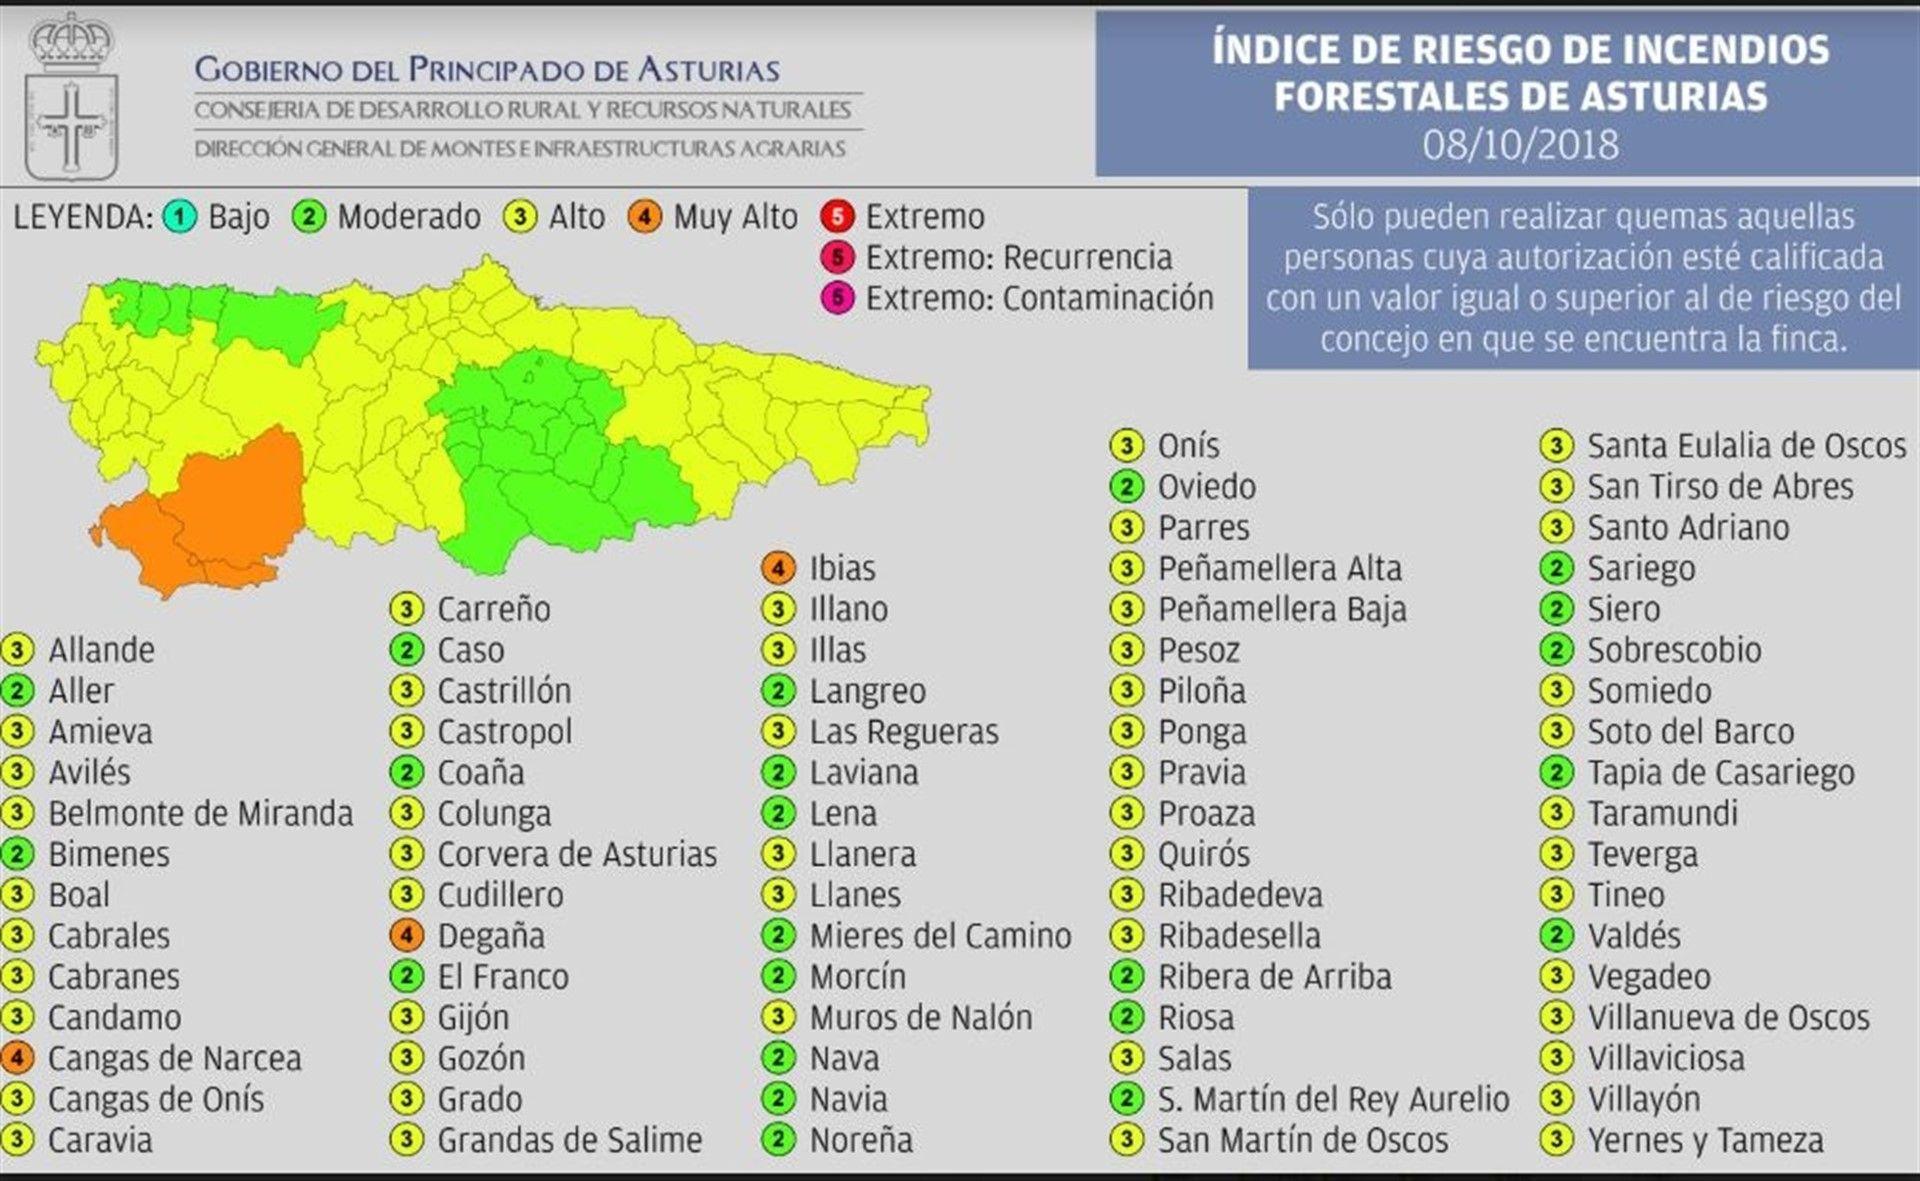 Dinero.Índice de riesgo de incendios forestales de Asturias